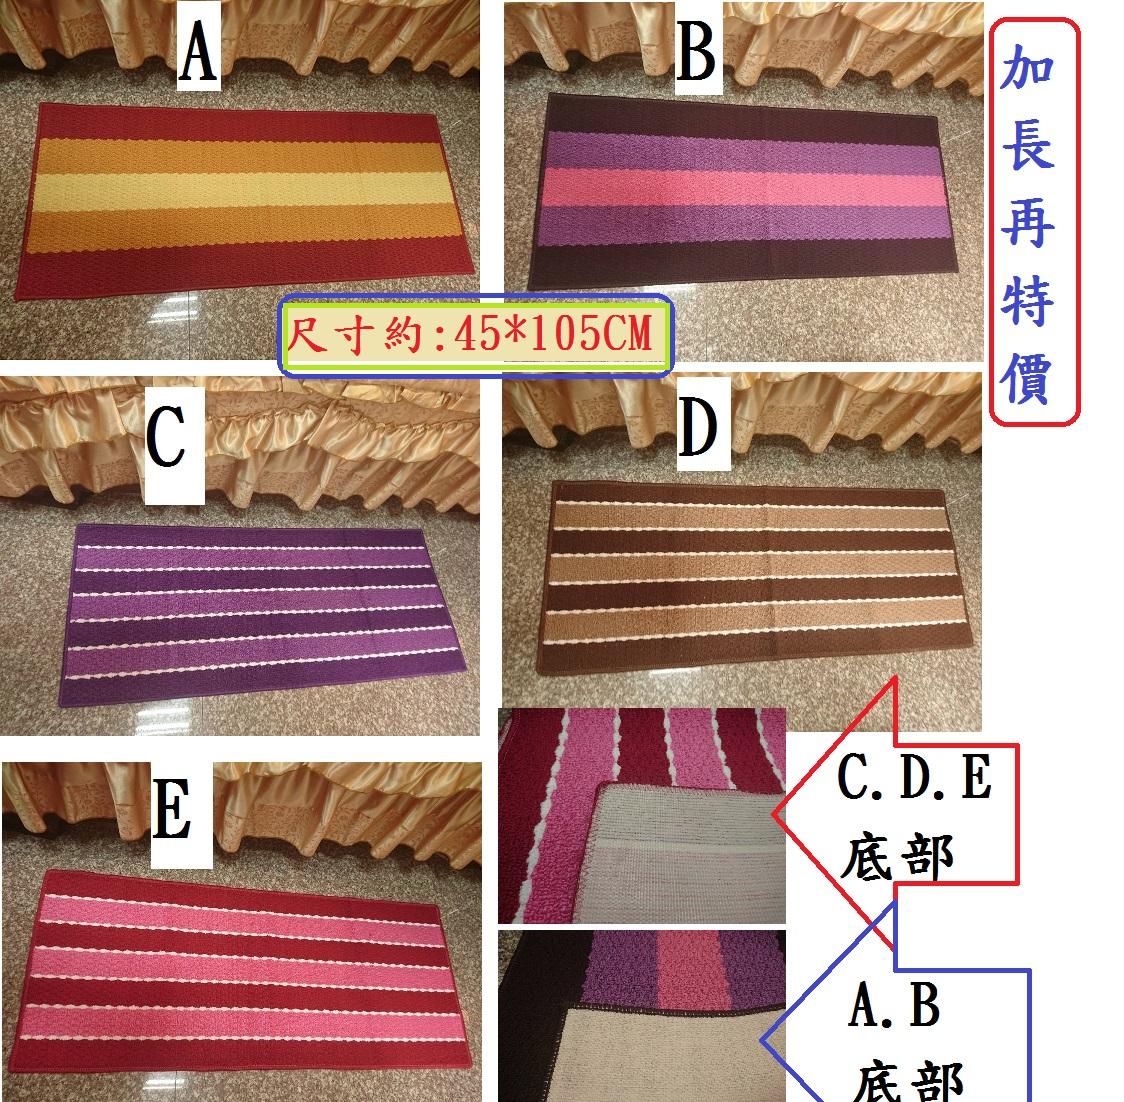 挑色請詢問,經典條紋加長刮紗吸水長踏墊地墊地毯,尺寸約:45*105公分室內外止滑墊,可當床前墊廚房墊